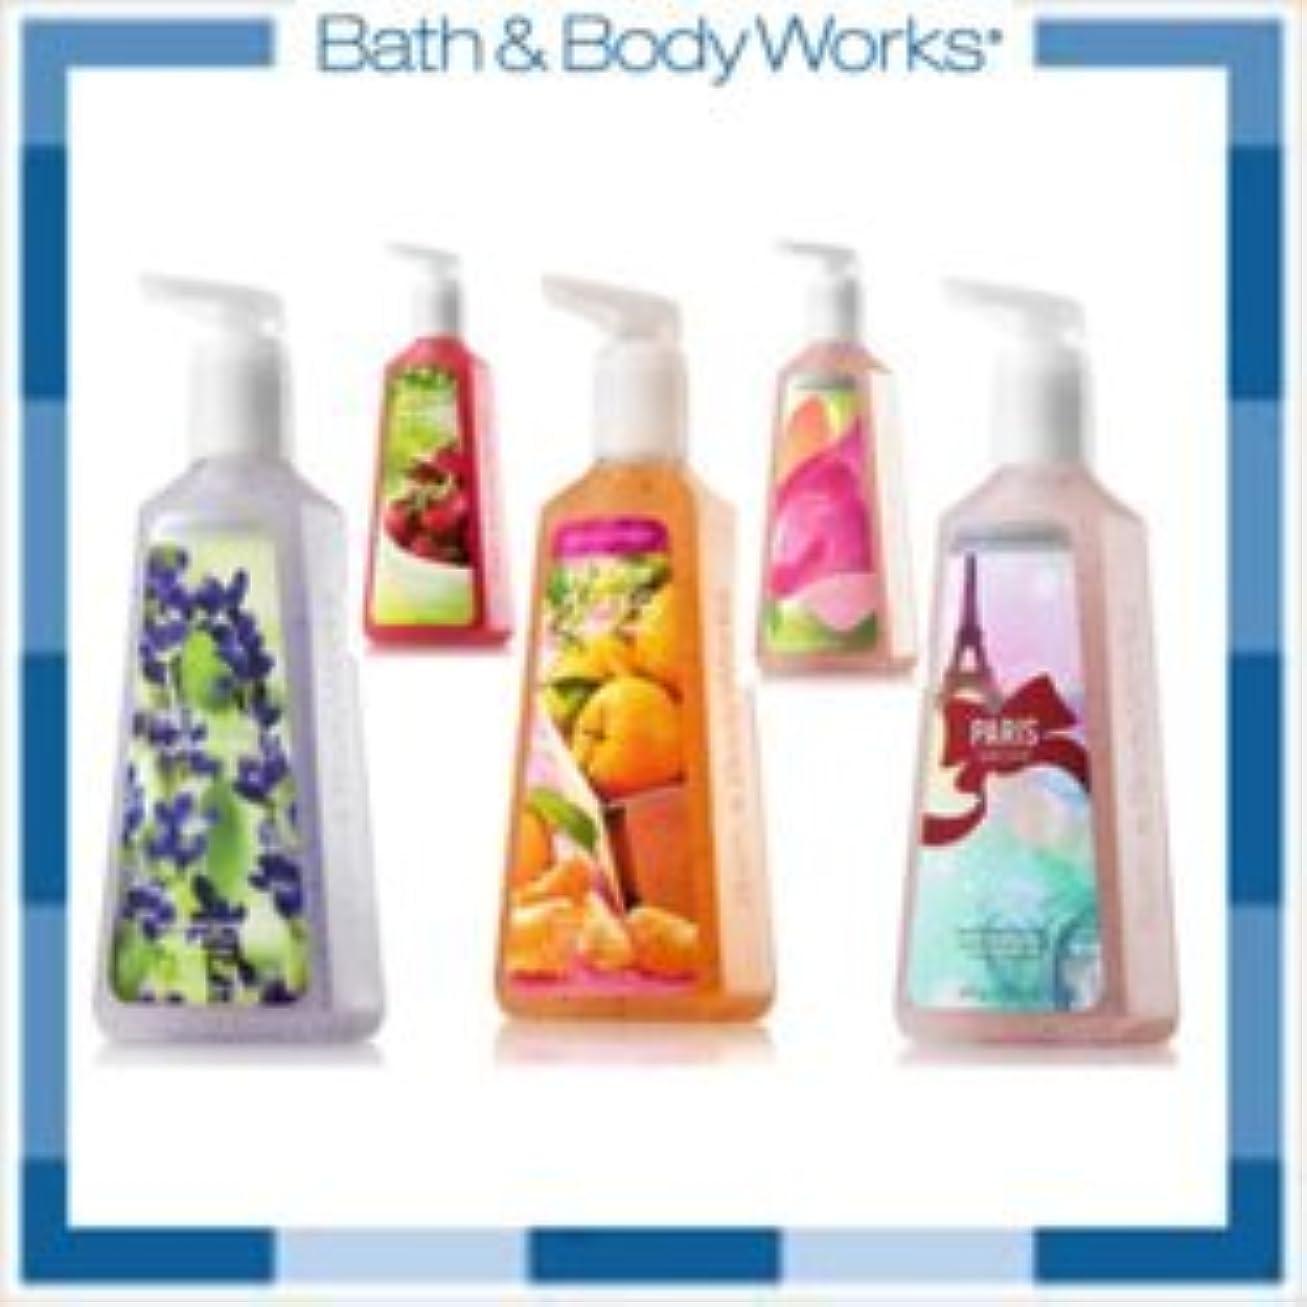 負担過ち民間人Bath & Body Works ハンドソープ 8本詰め合わせセット (???????、??????????????or MIX) 【平行輸入品】 (ディープクレンジング  (8本))